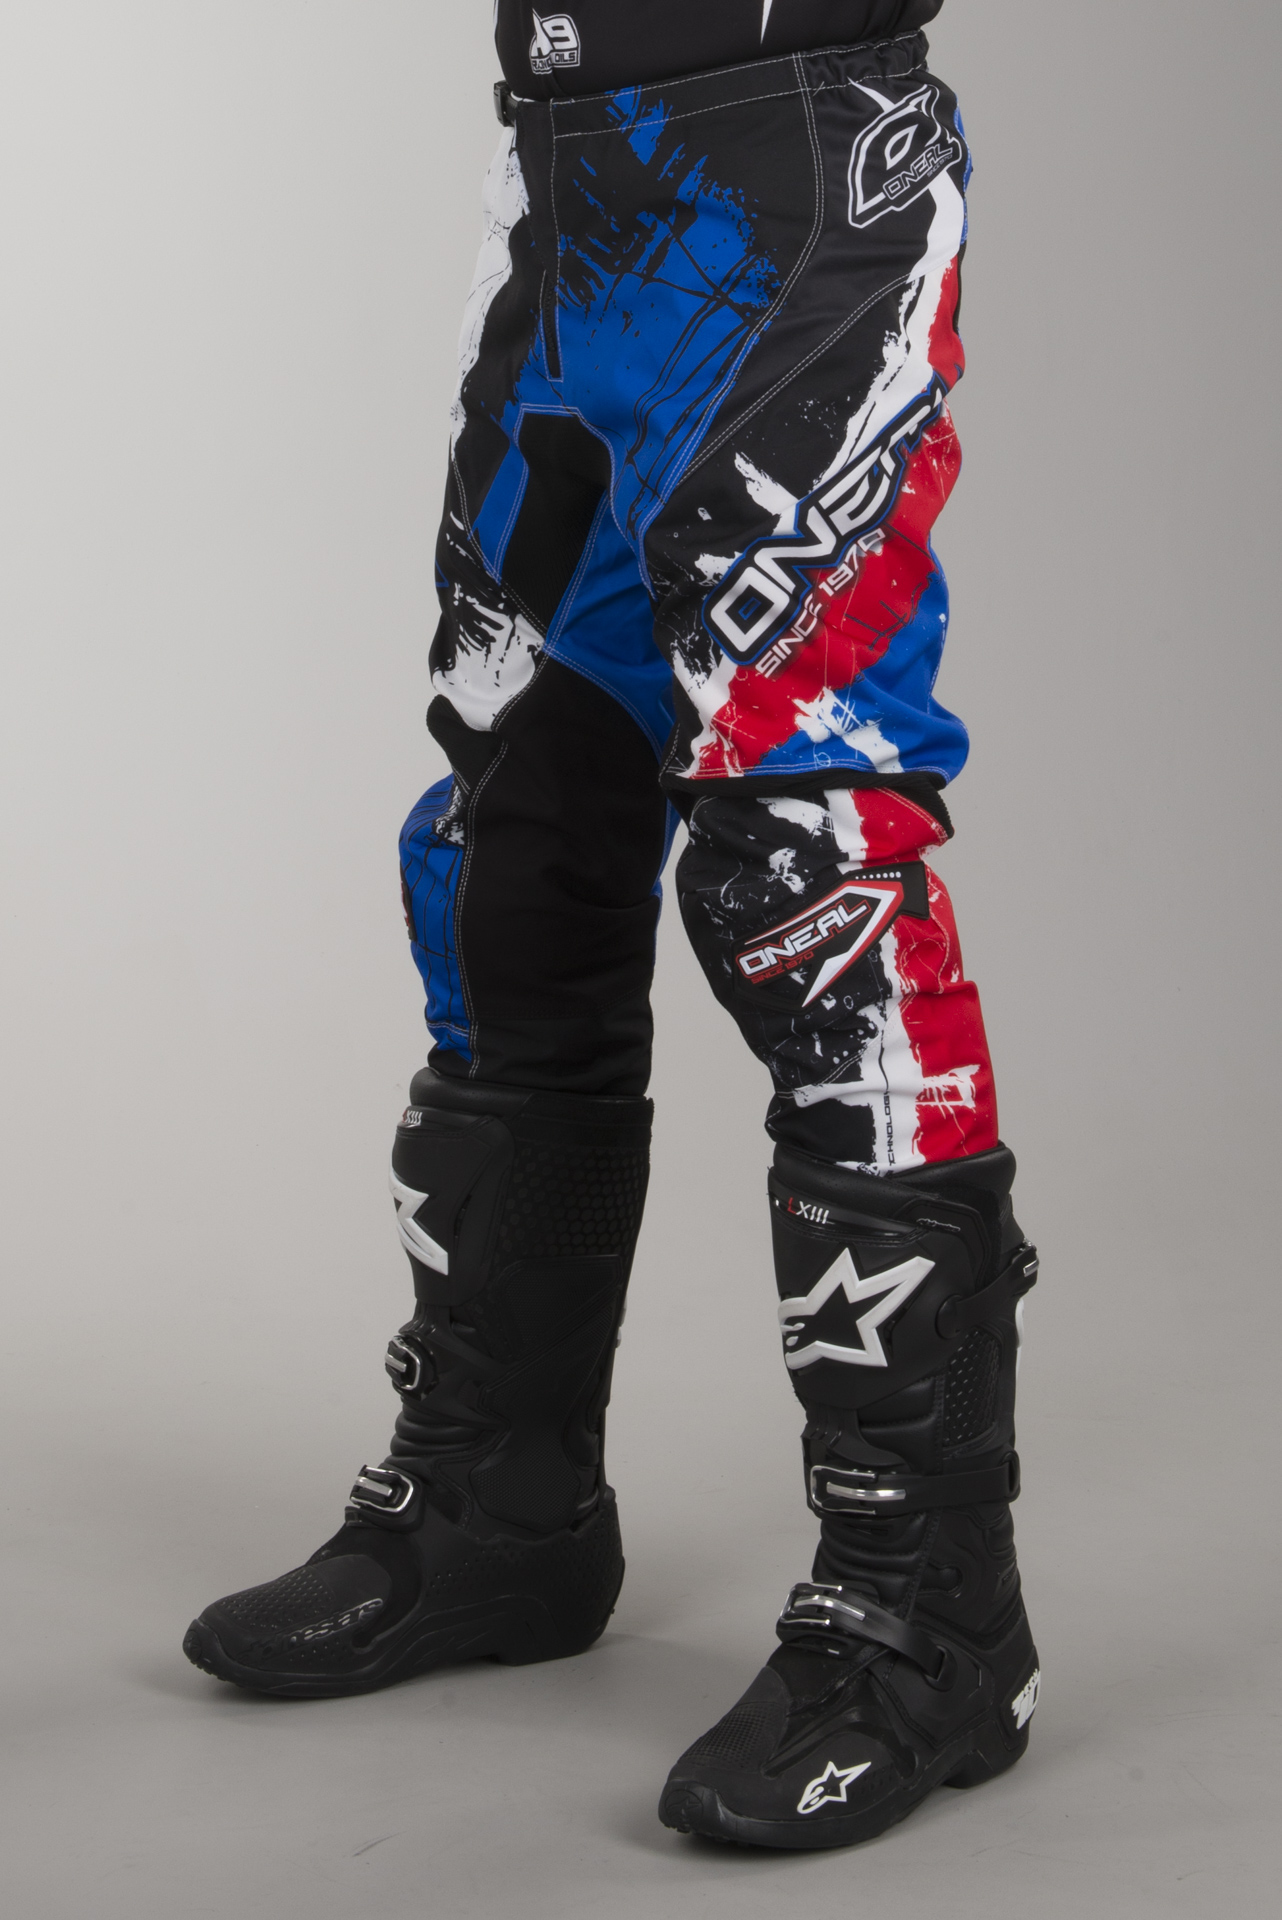 Crosstövlar O'Neal Rider Svart Nu 31% rabatt 24mx.se